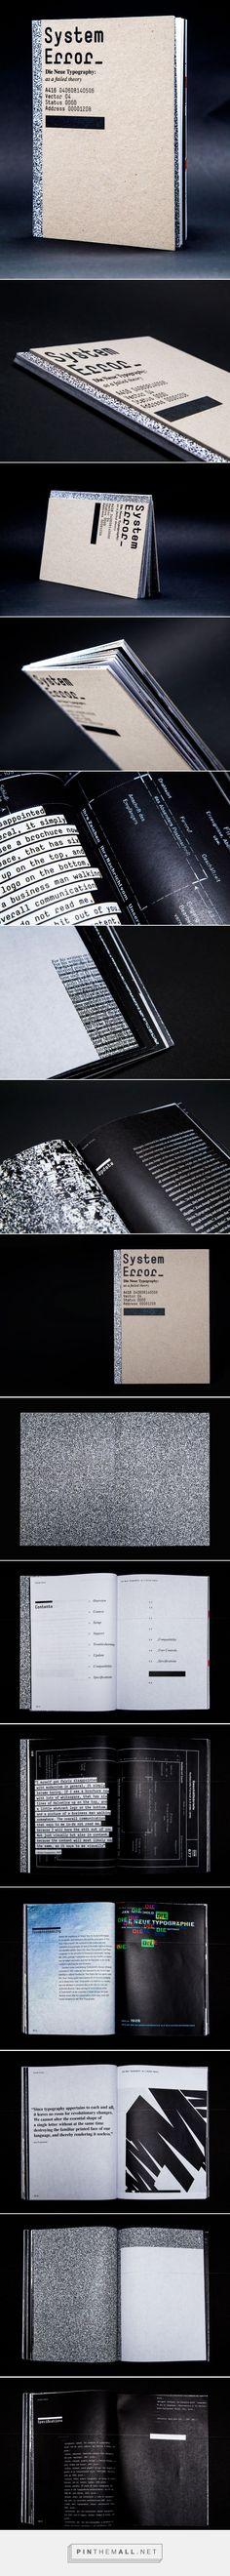 System Error—Editorial Design by Eric Lynch